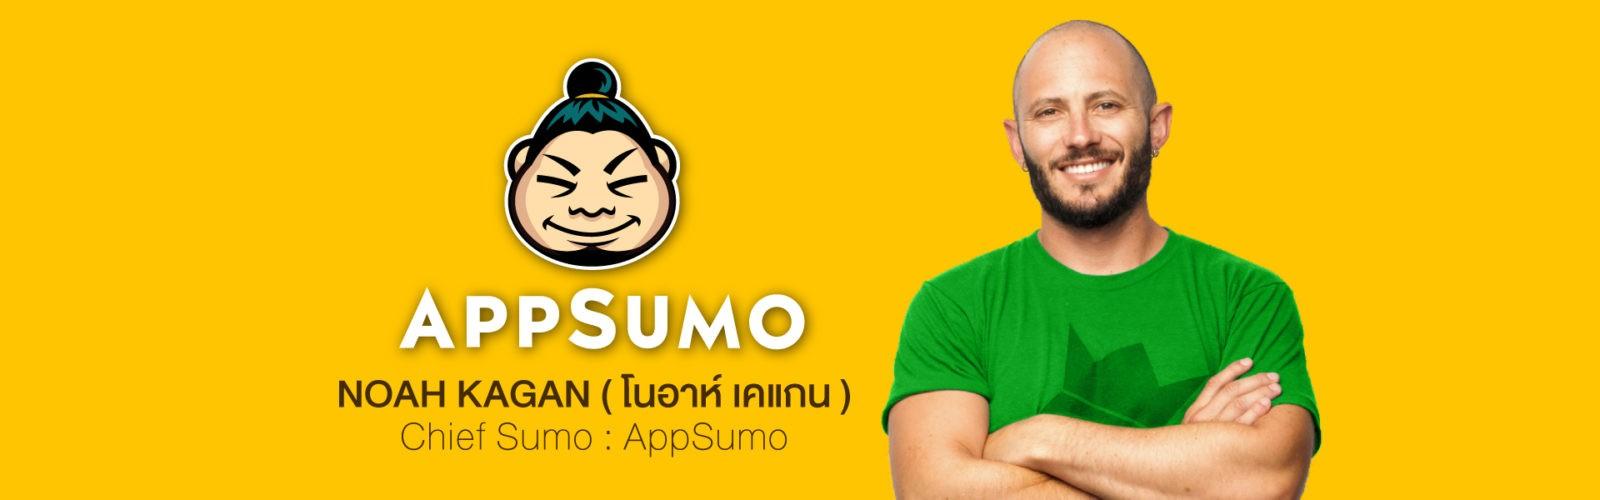 NOAH KAGAN Chief Sumo at AppSumo